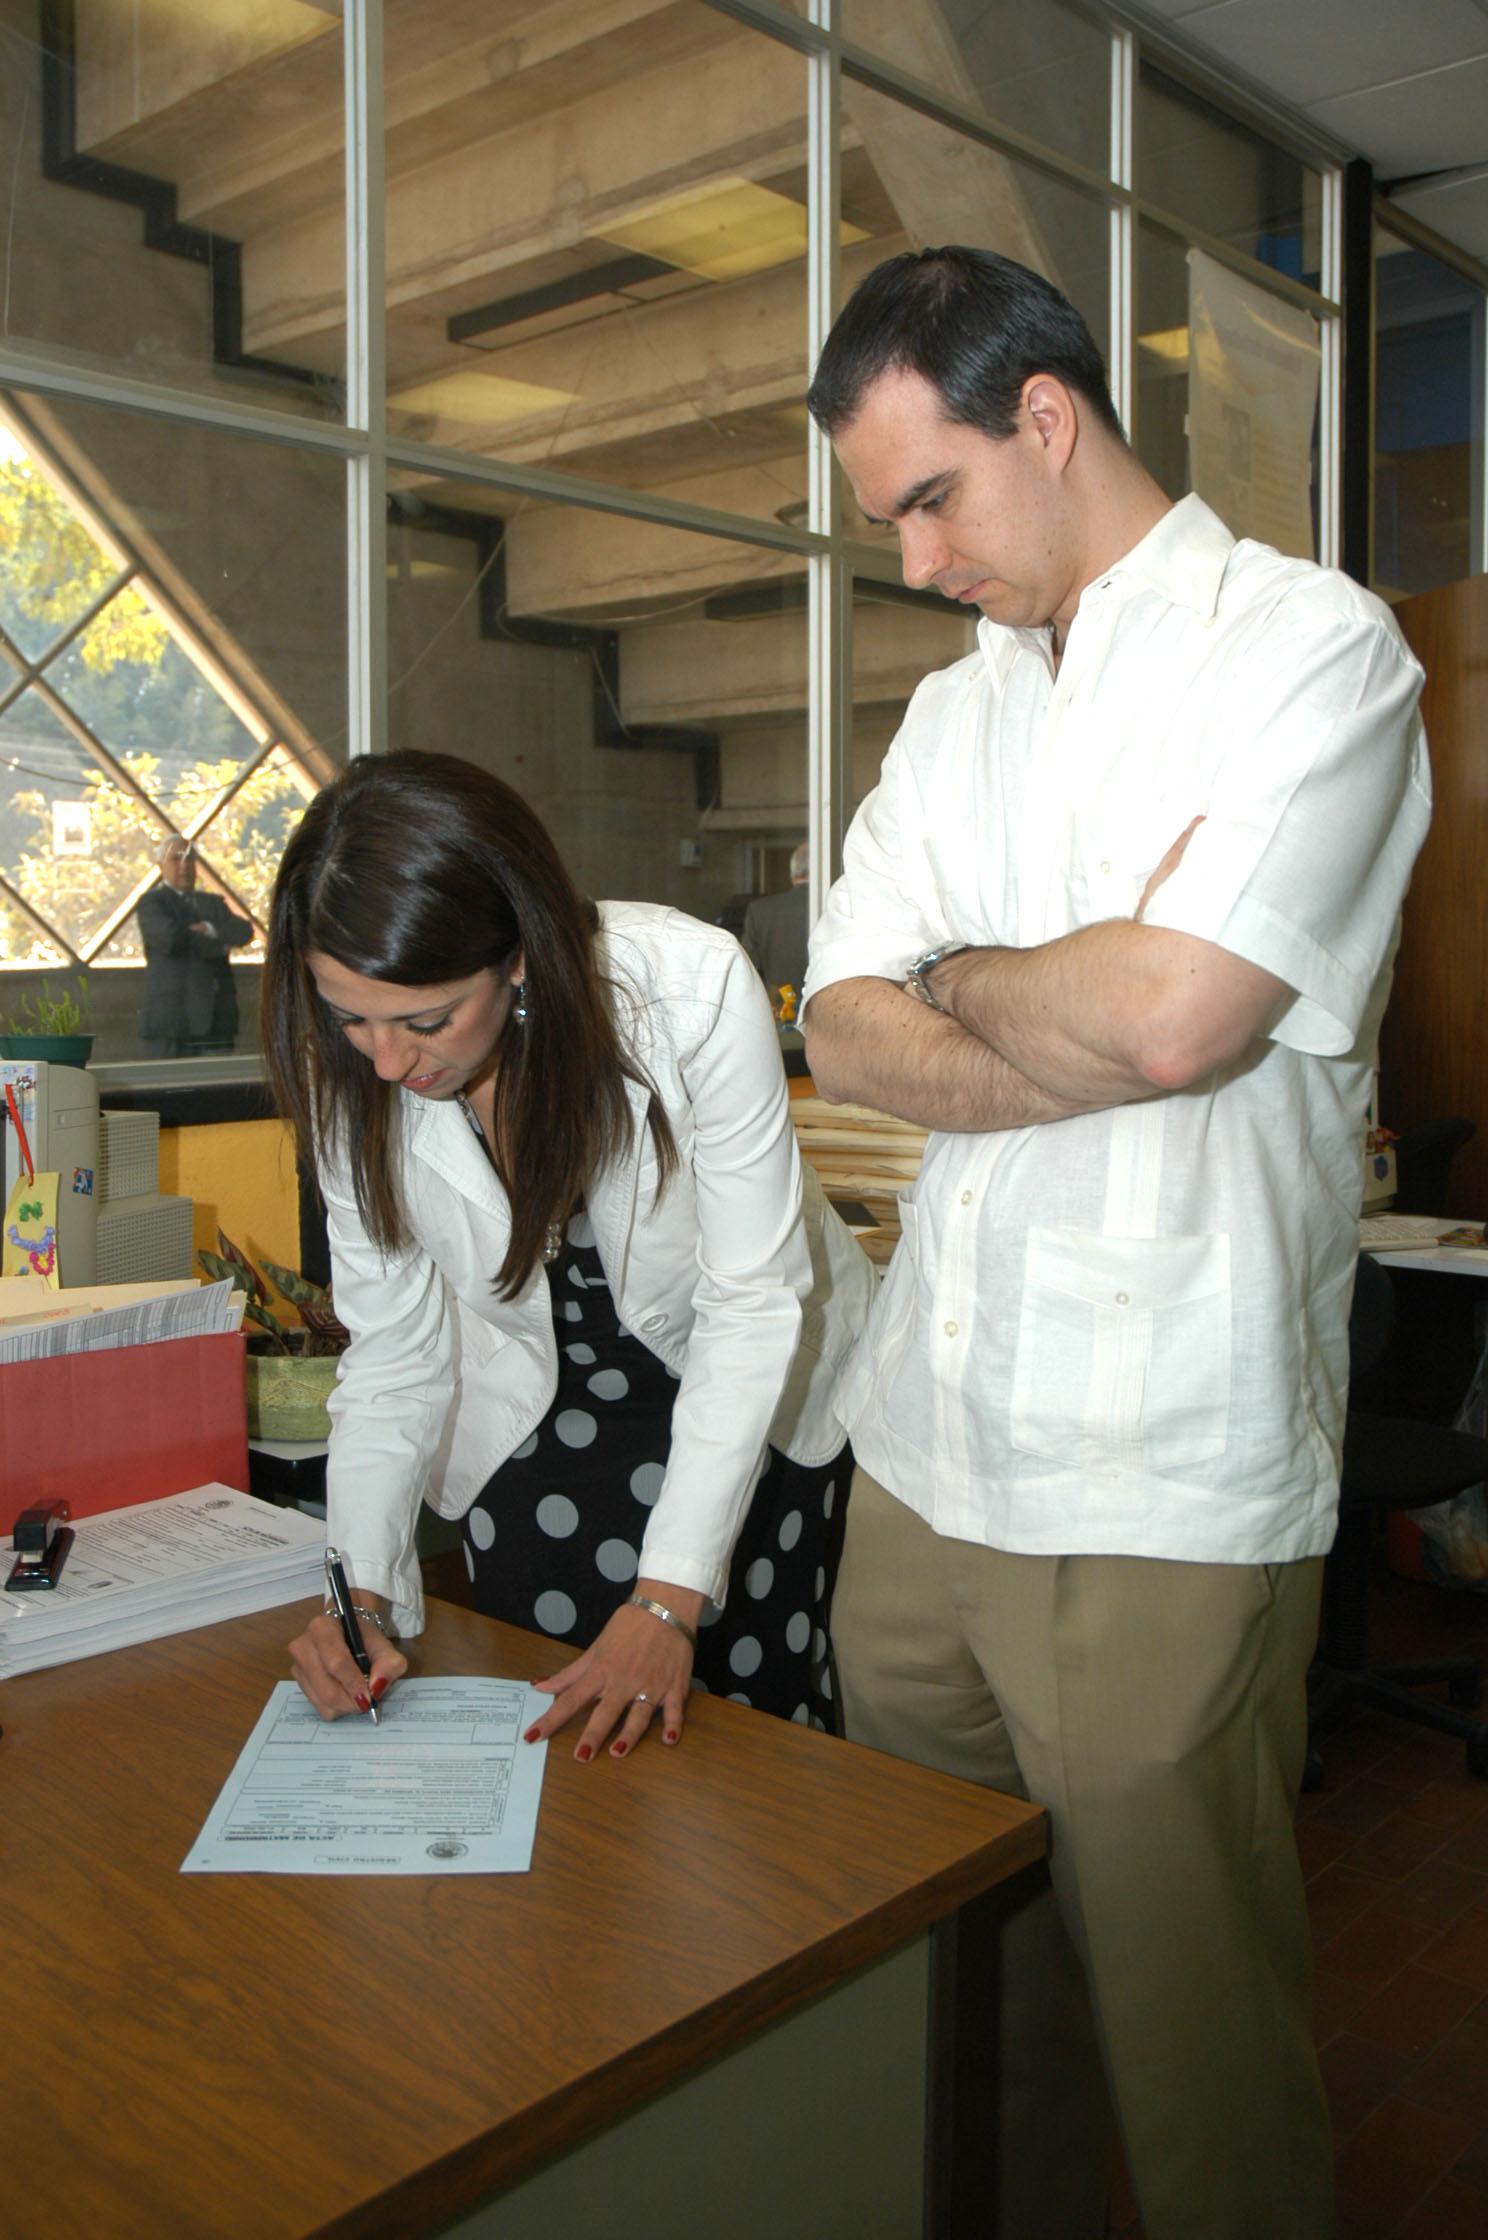 Matrimonio civil cake ideas and designs - Fotos boda civil ...